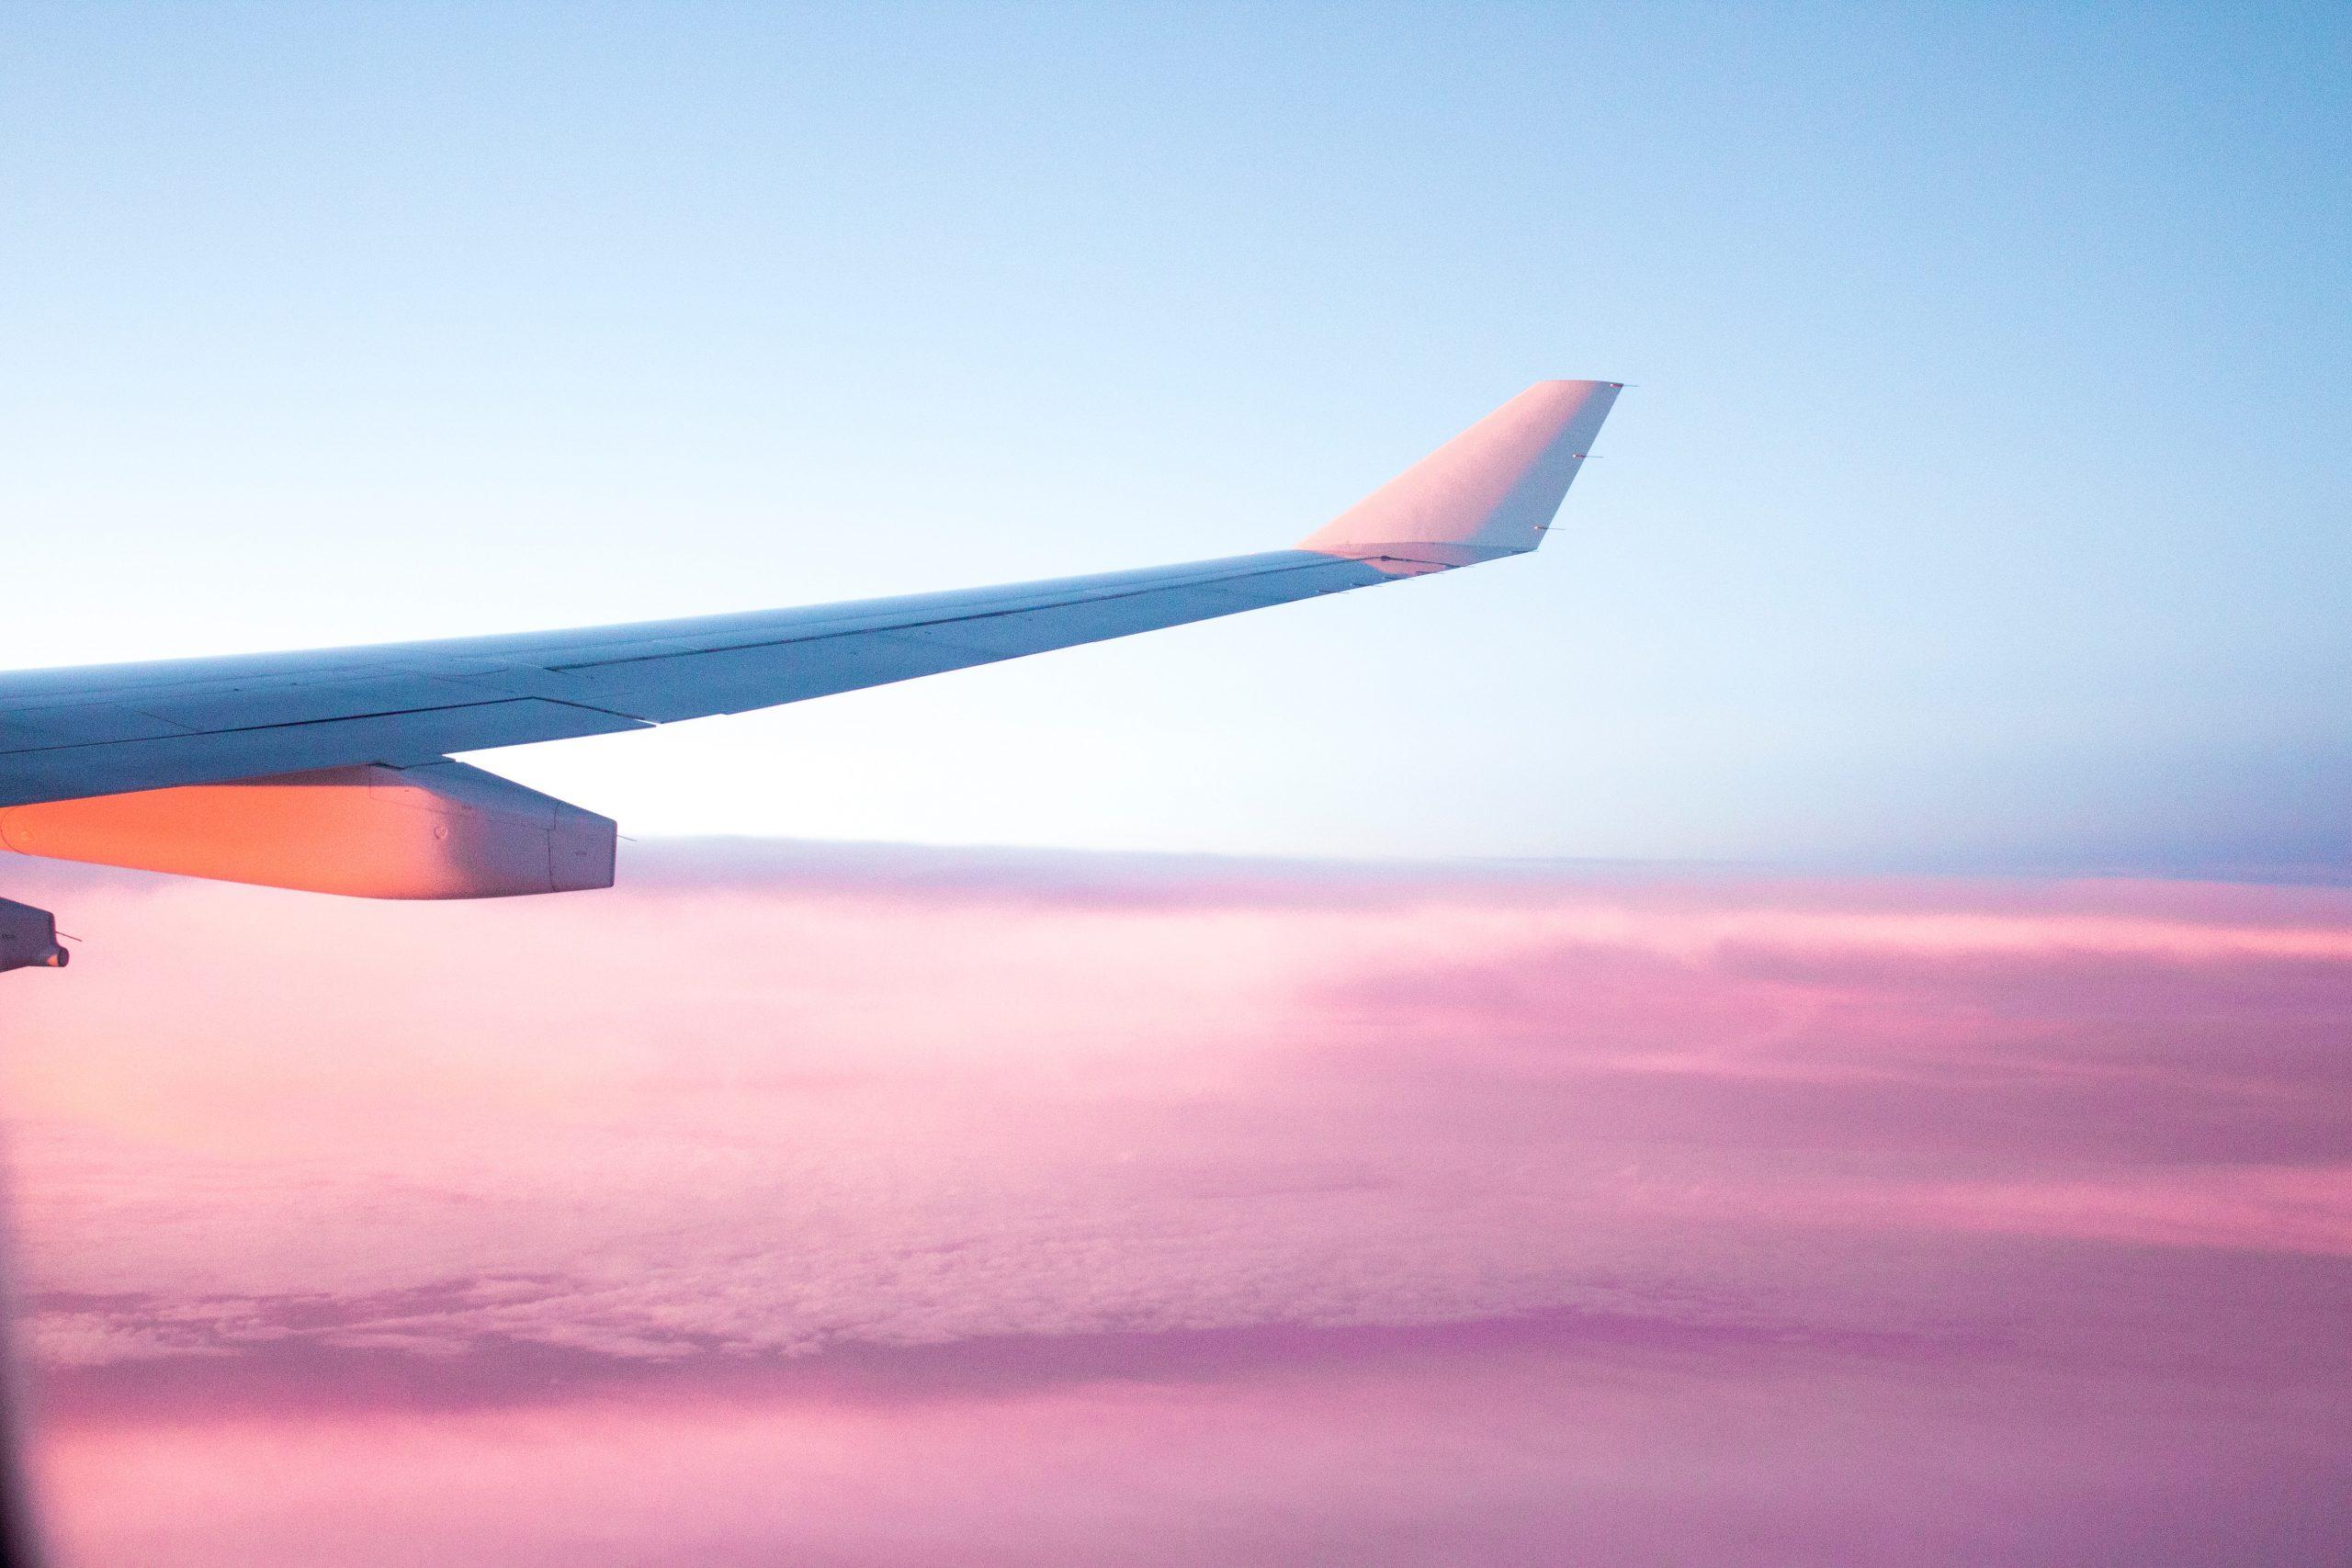 Corona-Krise: So kann ohne Risiko eine Reise gebucht werden